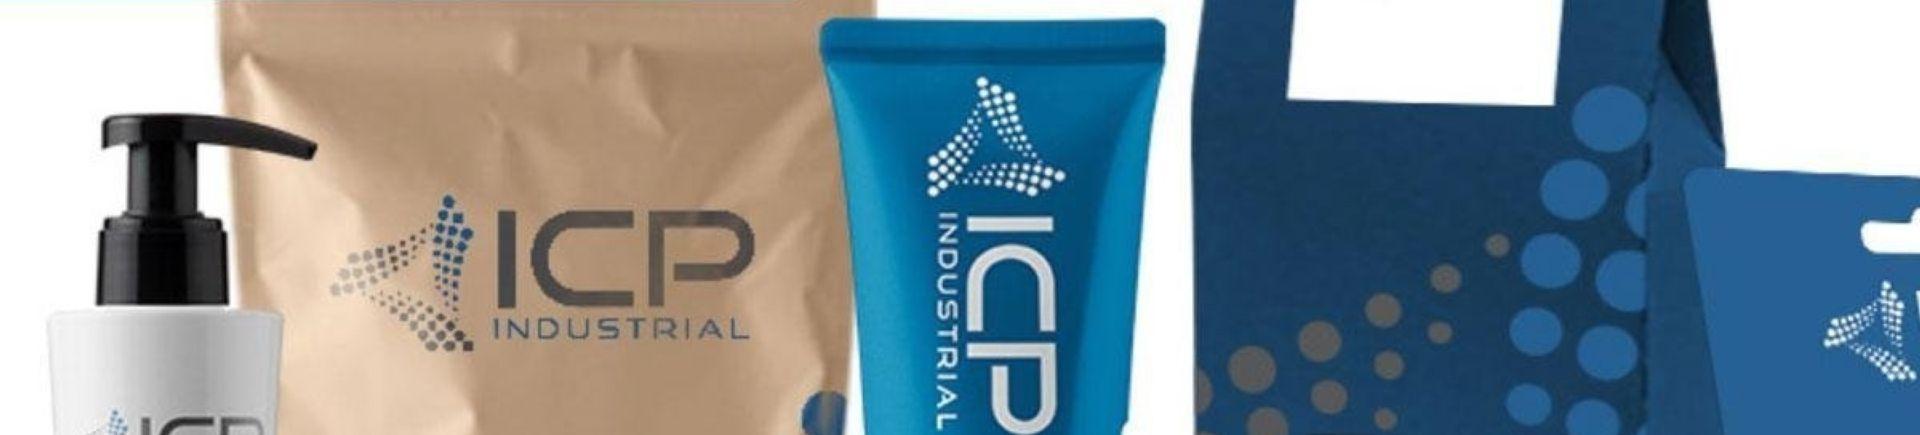 ICP Industrial Inc